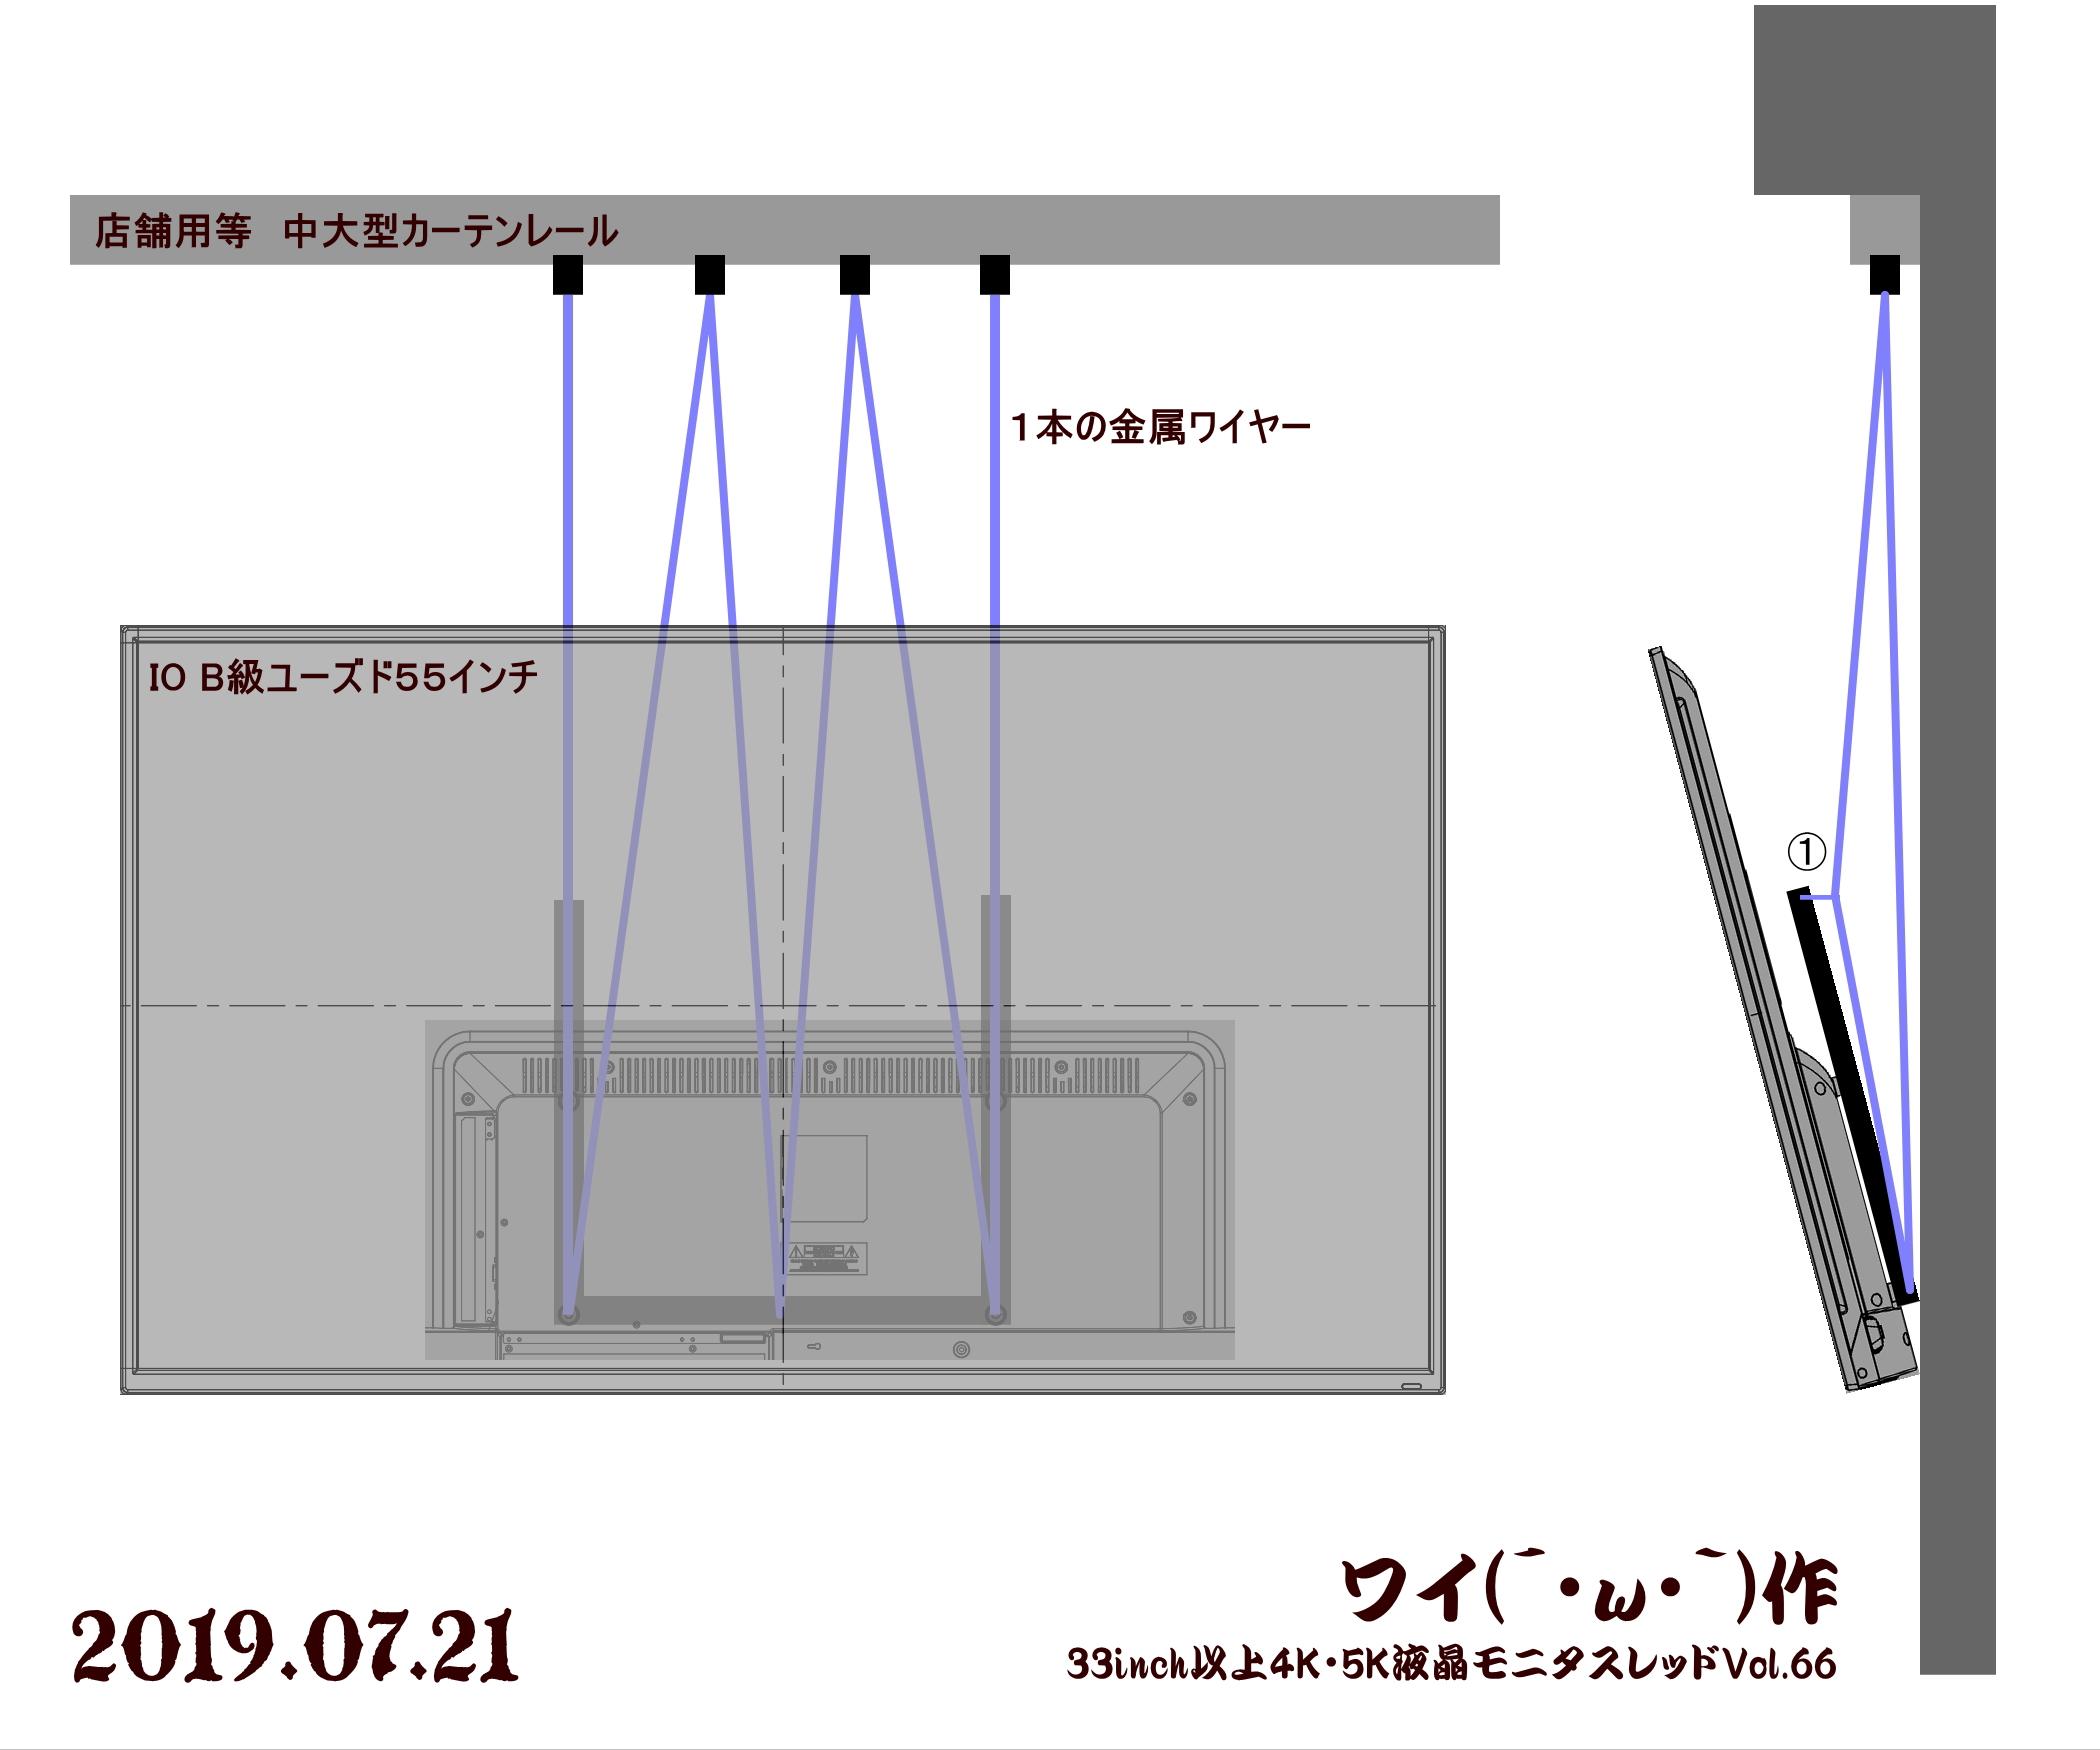 1563648734944 - 【画像】PCスレ民、とんでもない方法でモニターを設置してしまう